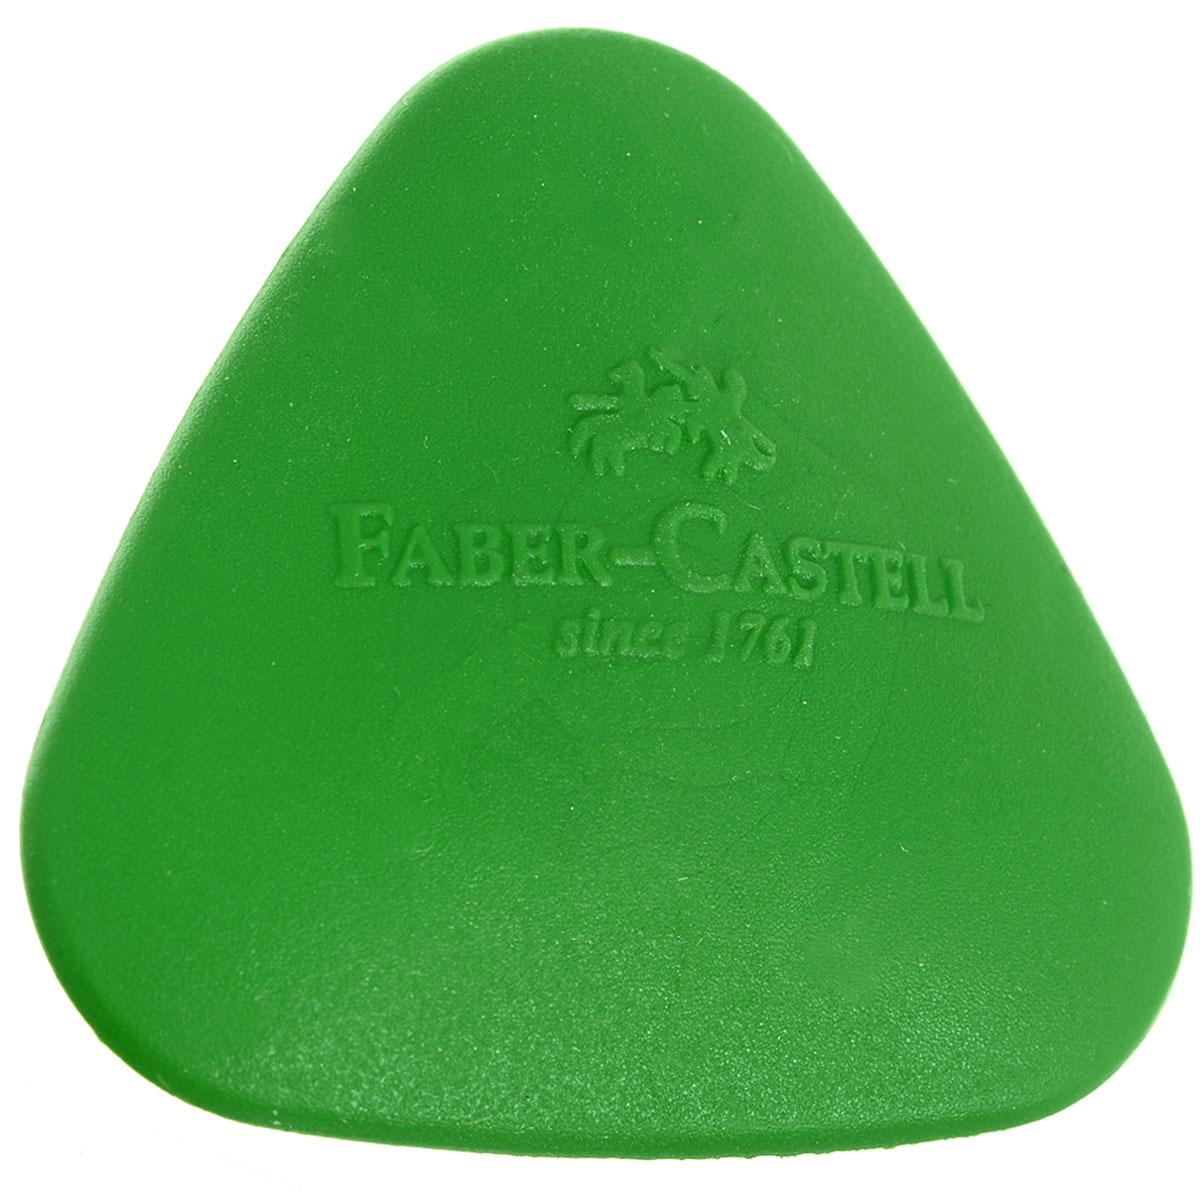 Faber-Castell Ластик формованный треугольный цвет зеленый589024Ластик Faber-Castell - незаменимый аксессуар на рабочем столе не только школьника или студента, но и офисного работника. Он легко и без следа удаляет надписи, сделанные карандашом. Ластик имеет форму треугольника и его очень удобно держать в руке.